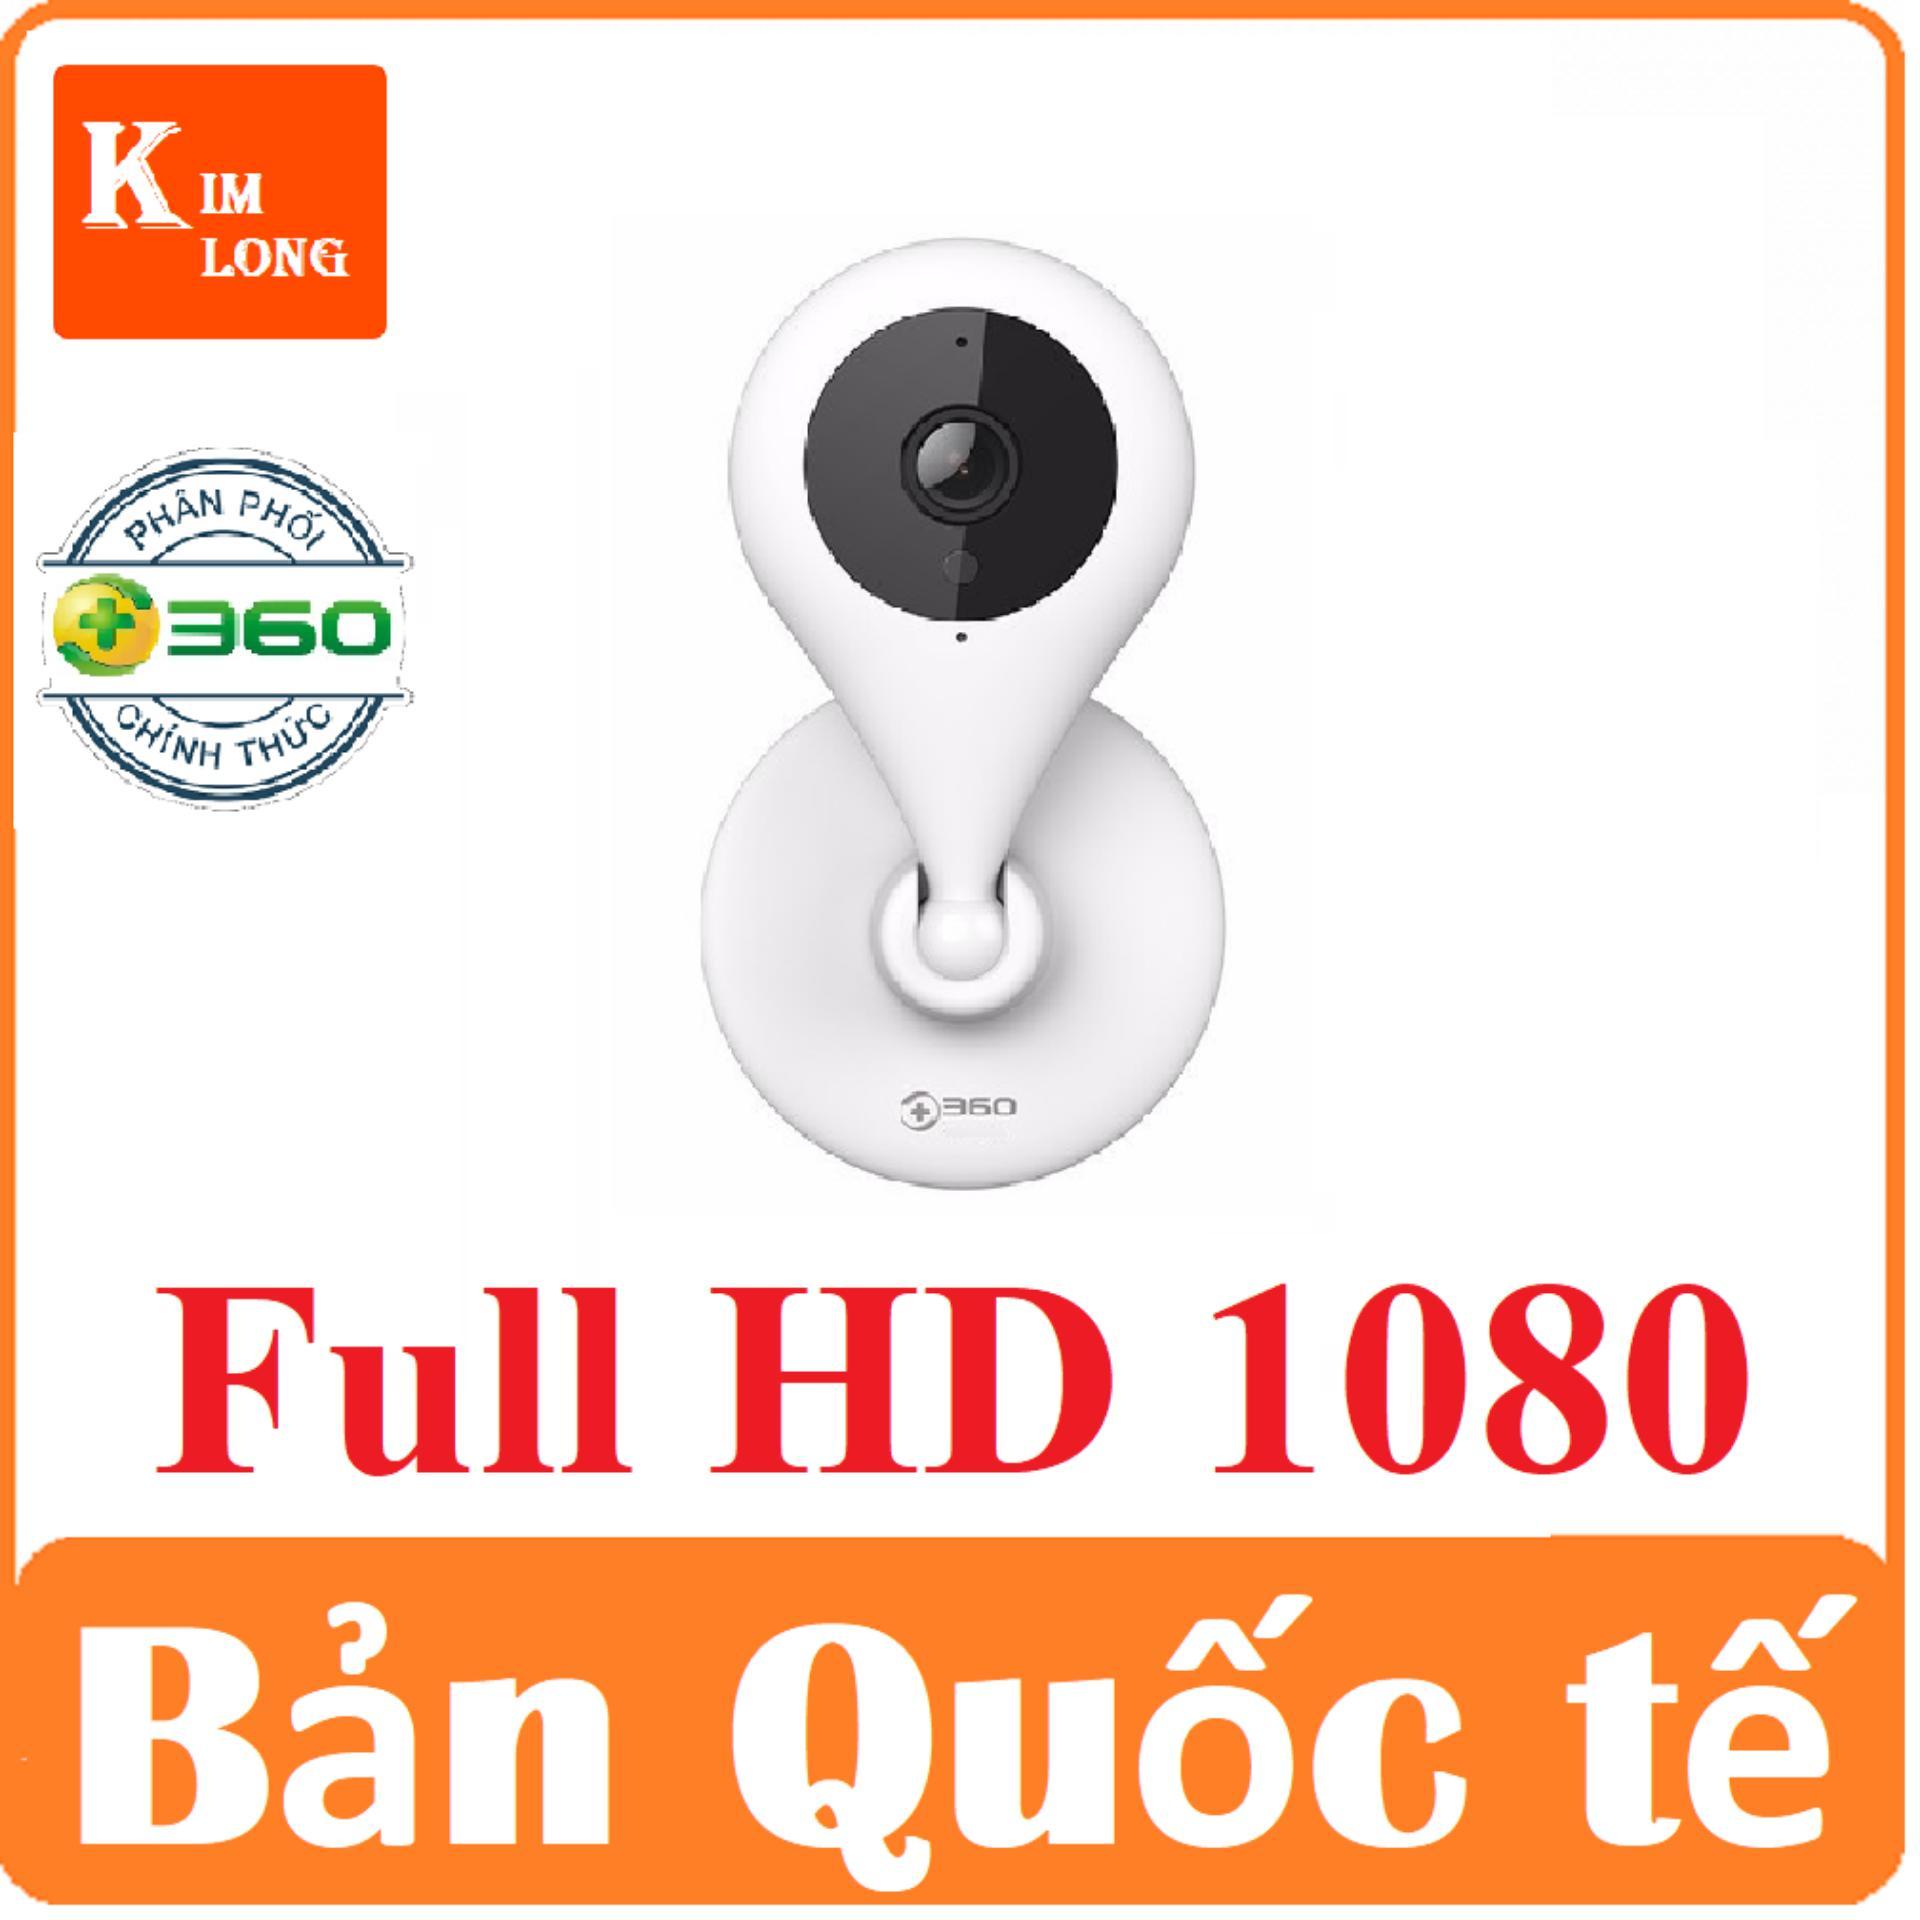 Camera Qihoo 360 1080p 150 độ Bản Quốc Tế Tiếng Anh